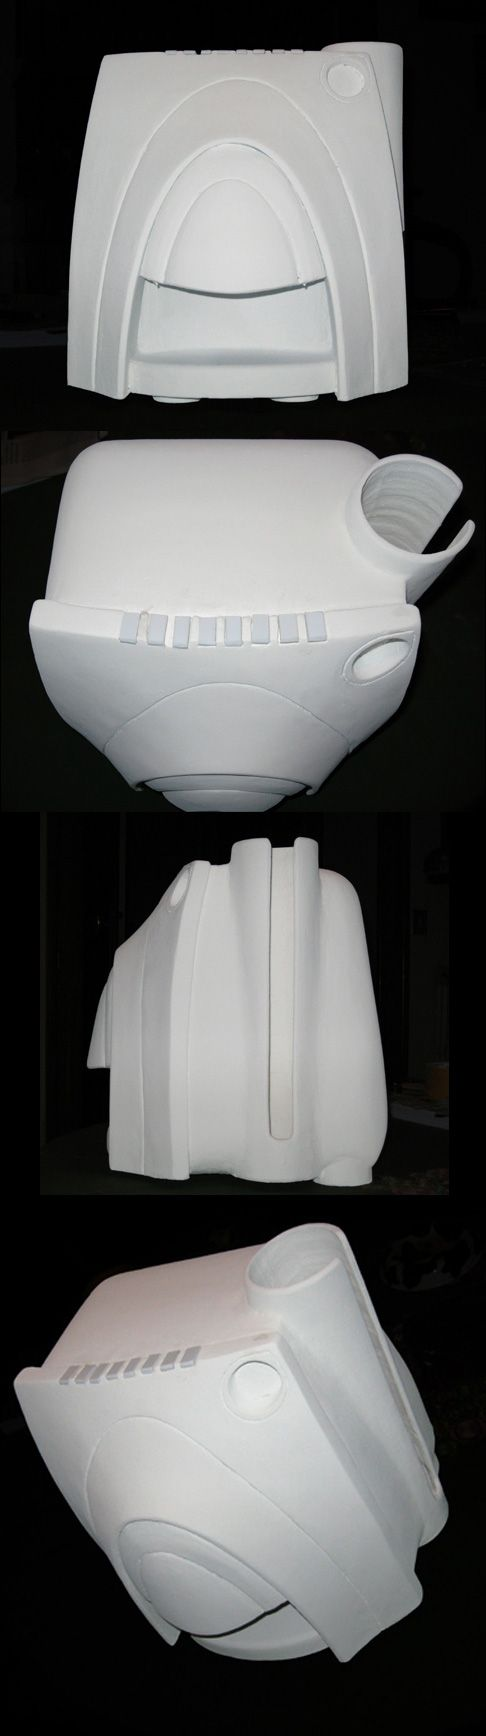 Zeno Pillan: modello in polistirolo di una macchina per il caffè in scala 1:1